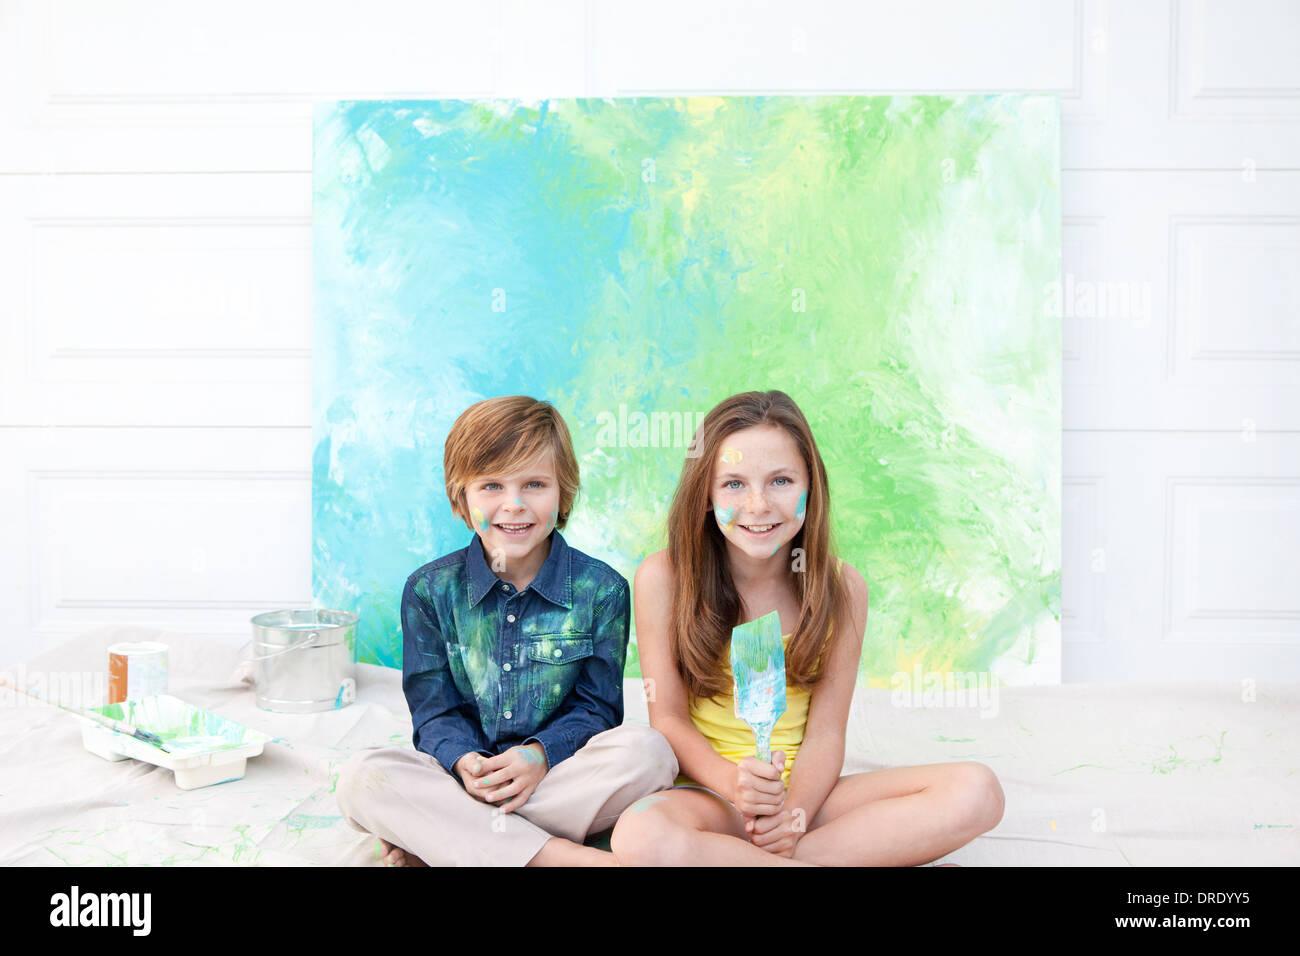 Hermano y hermana sentado delante de la pintura de gran colorido Imagen De Stock